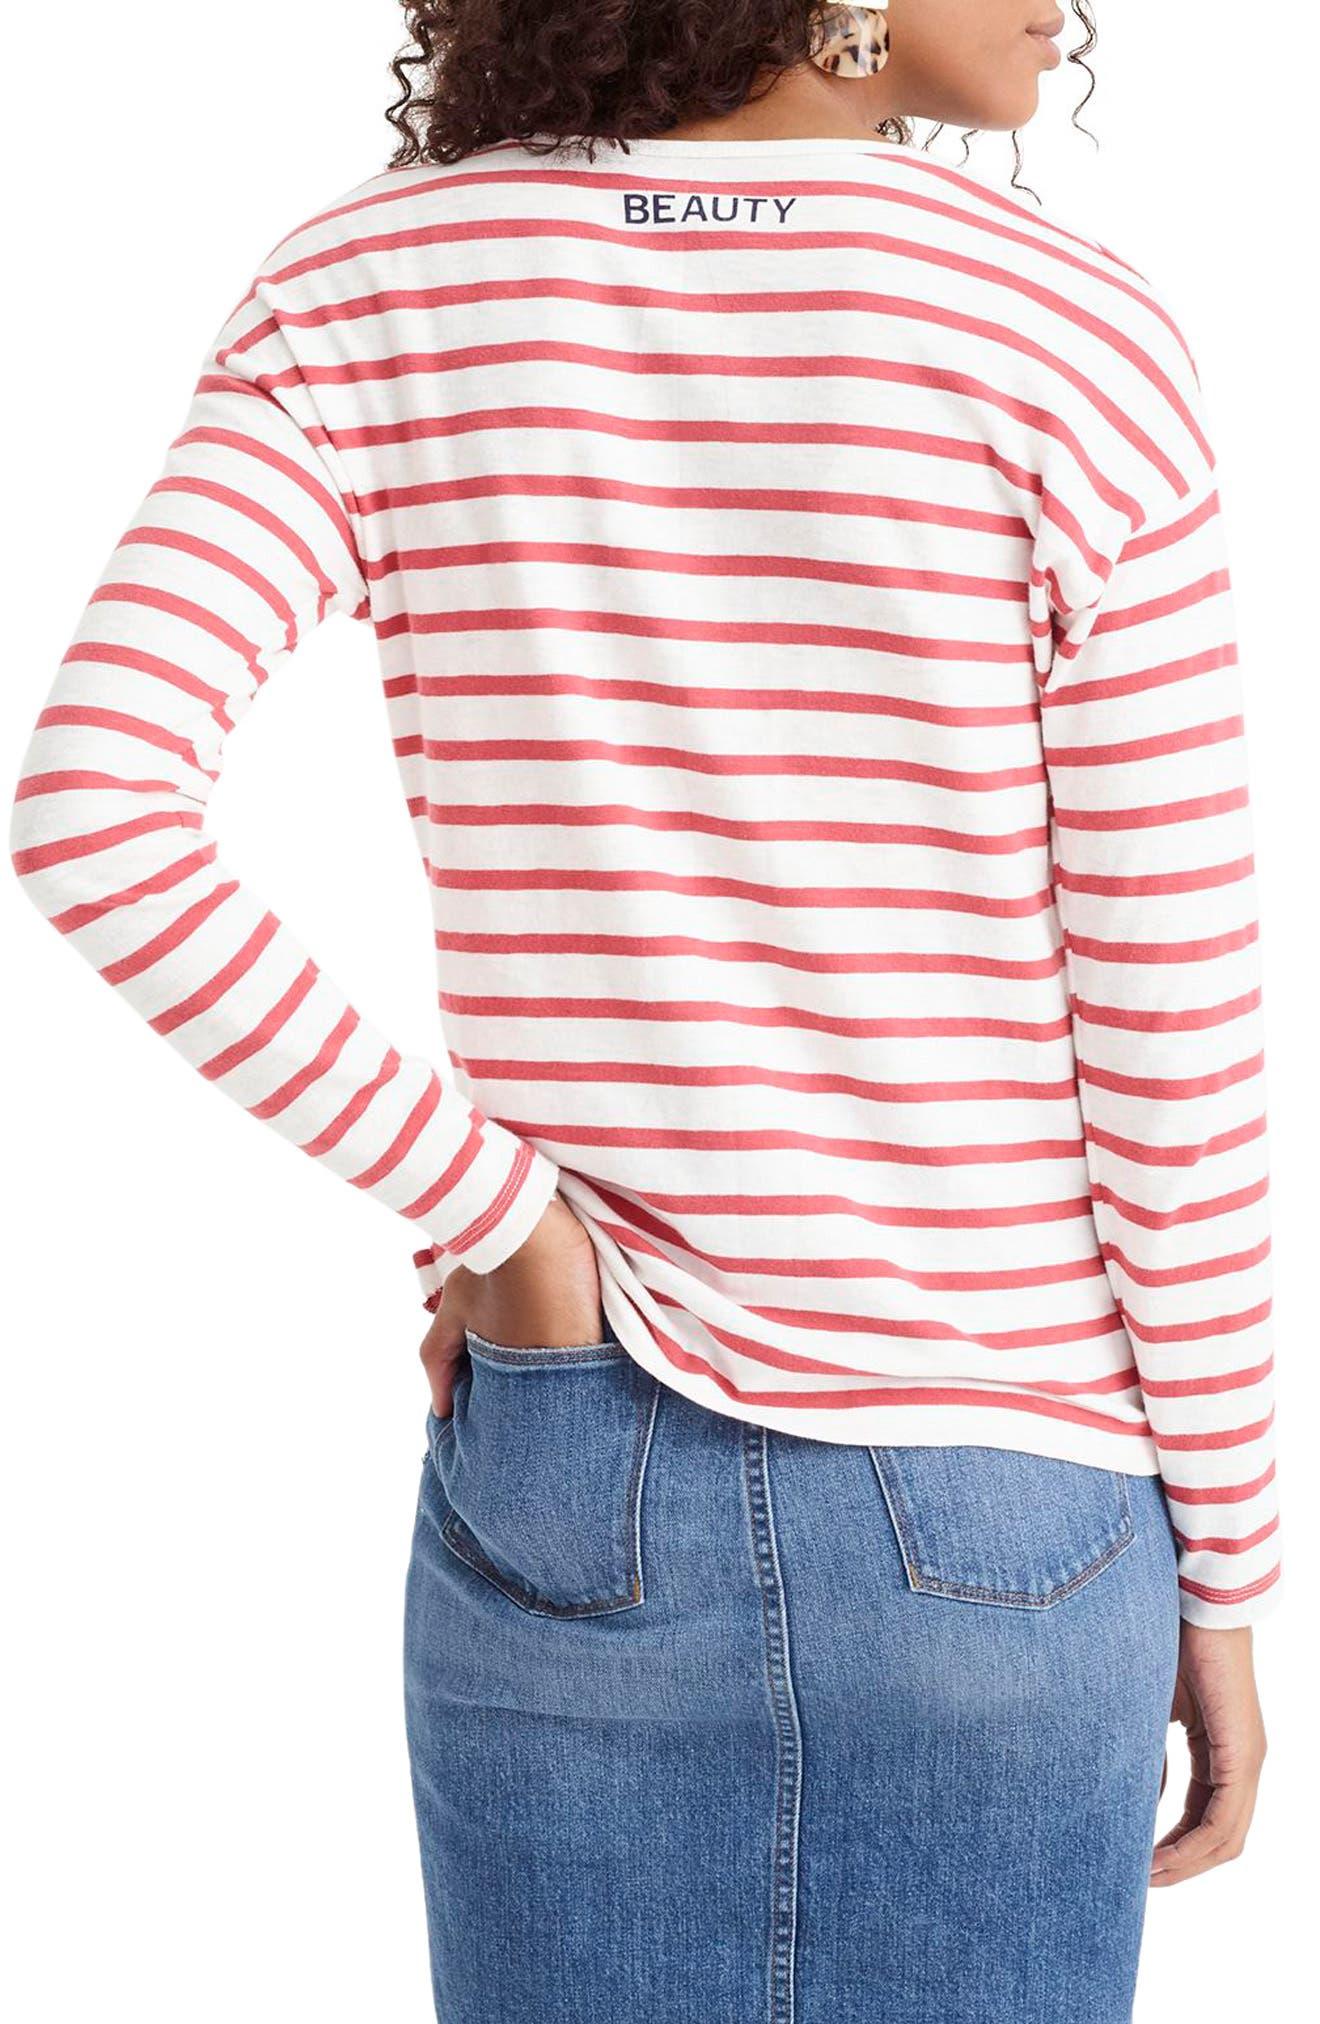 Beauté T-Shirt,                             Alternate thumbnail 2, color,                             600